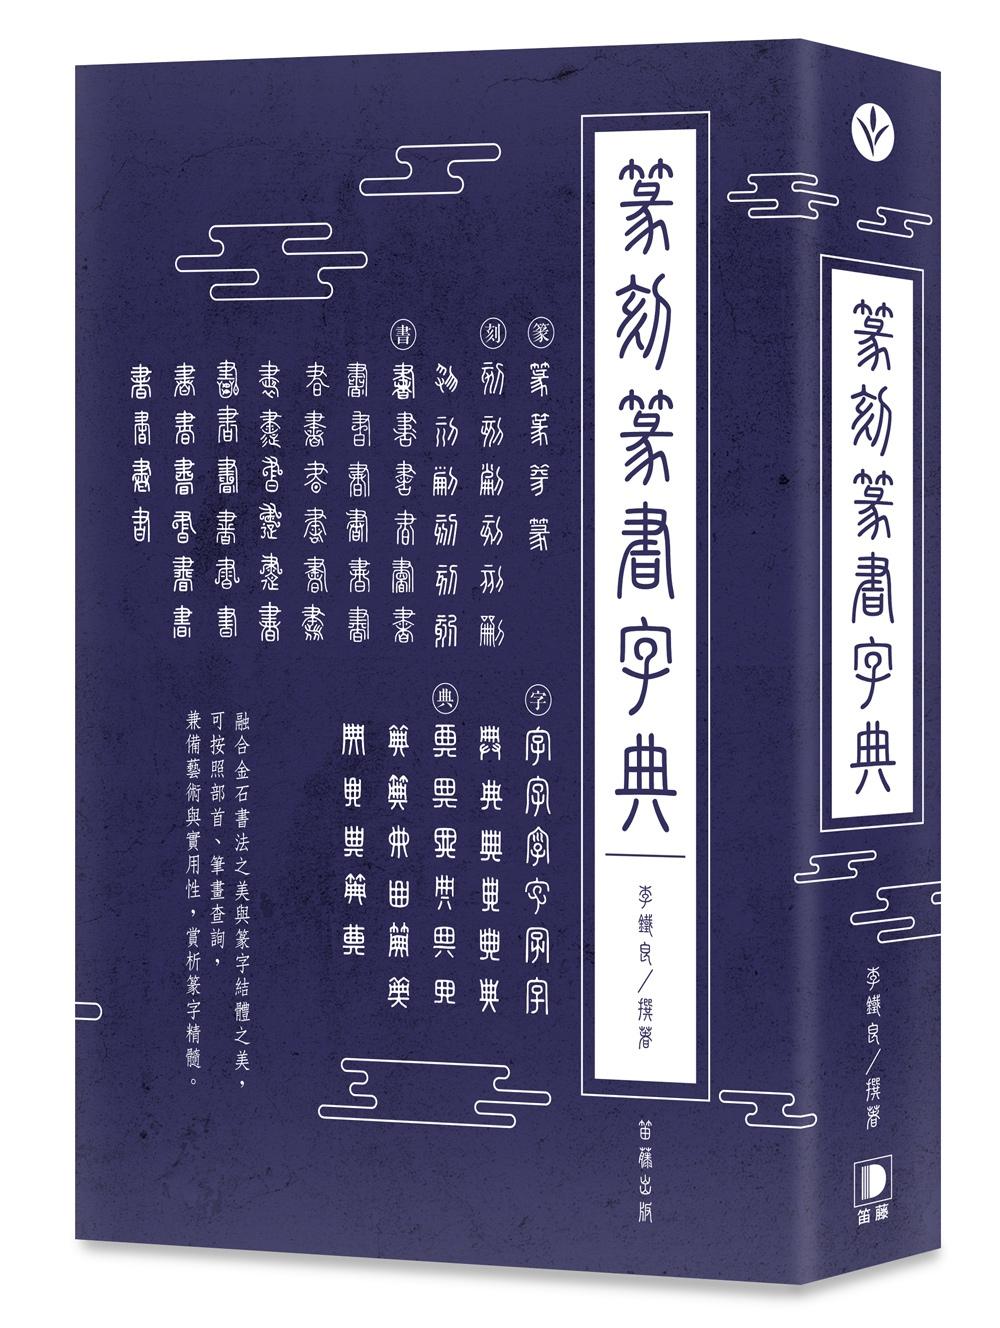 篆刻篆書字典:融合金石書法之美與篆字結體之美,可按照部首、筆畫查詢,兼備   藝術與實用性,賞析篆字精髓。(二版)